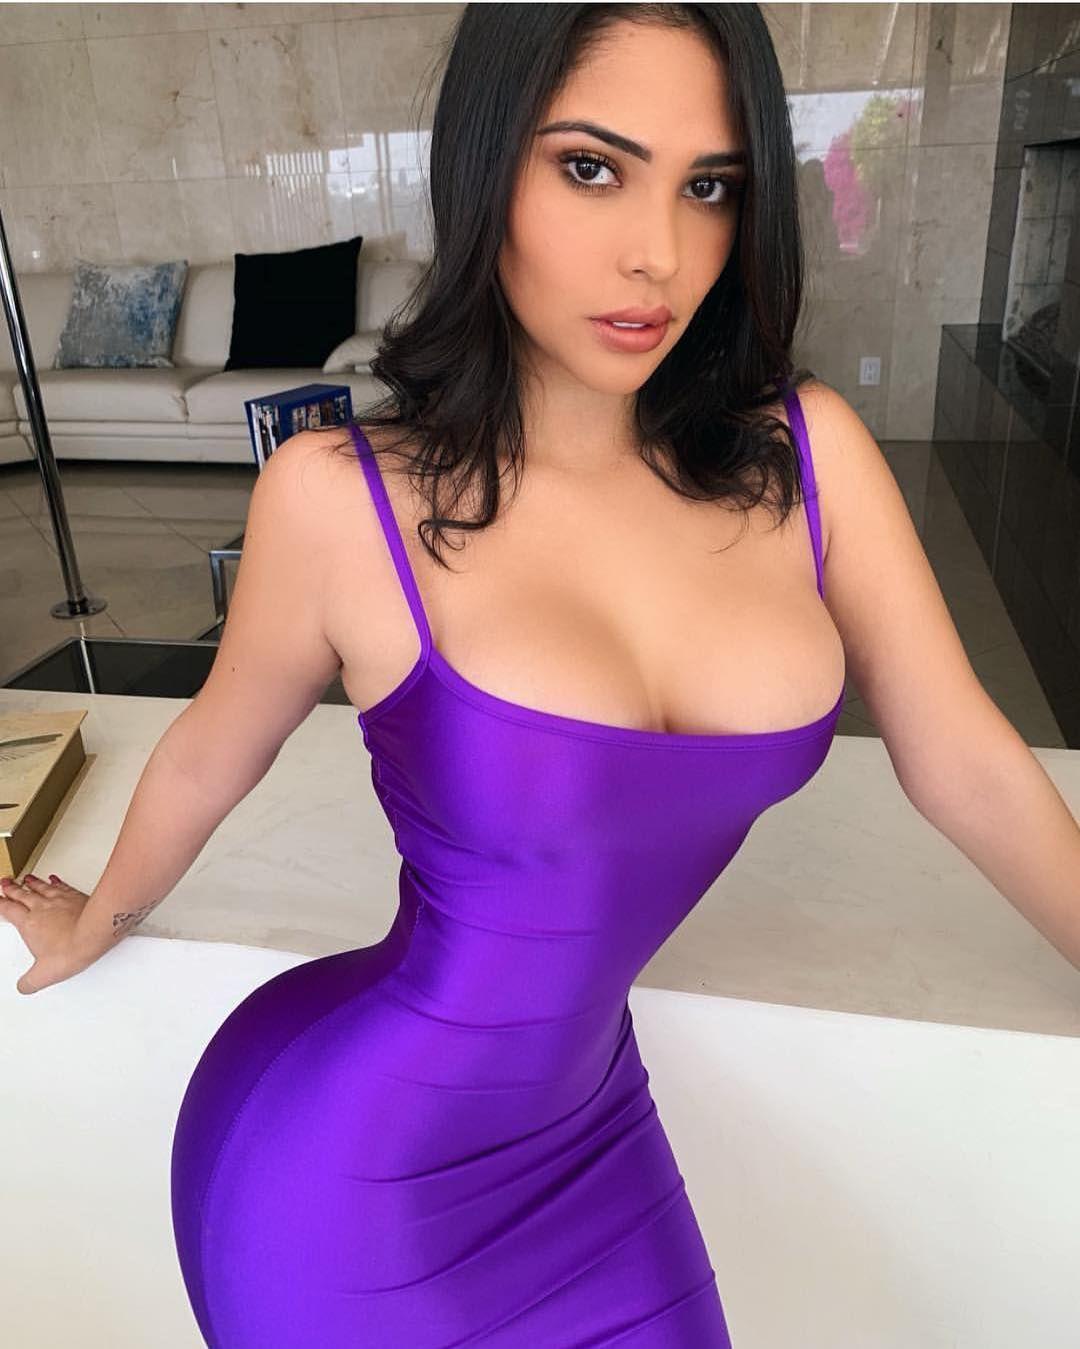 sexy latina amateur